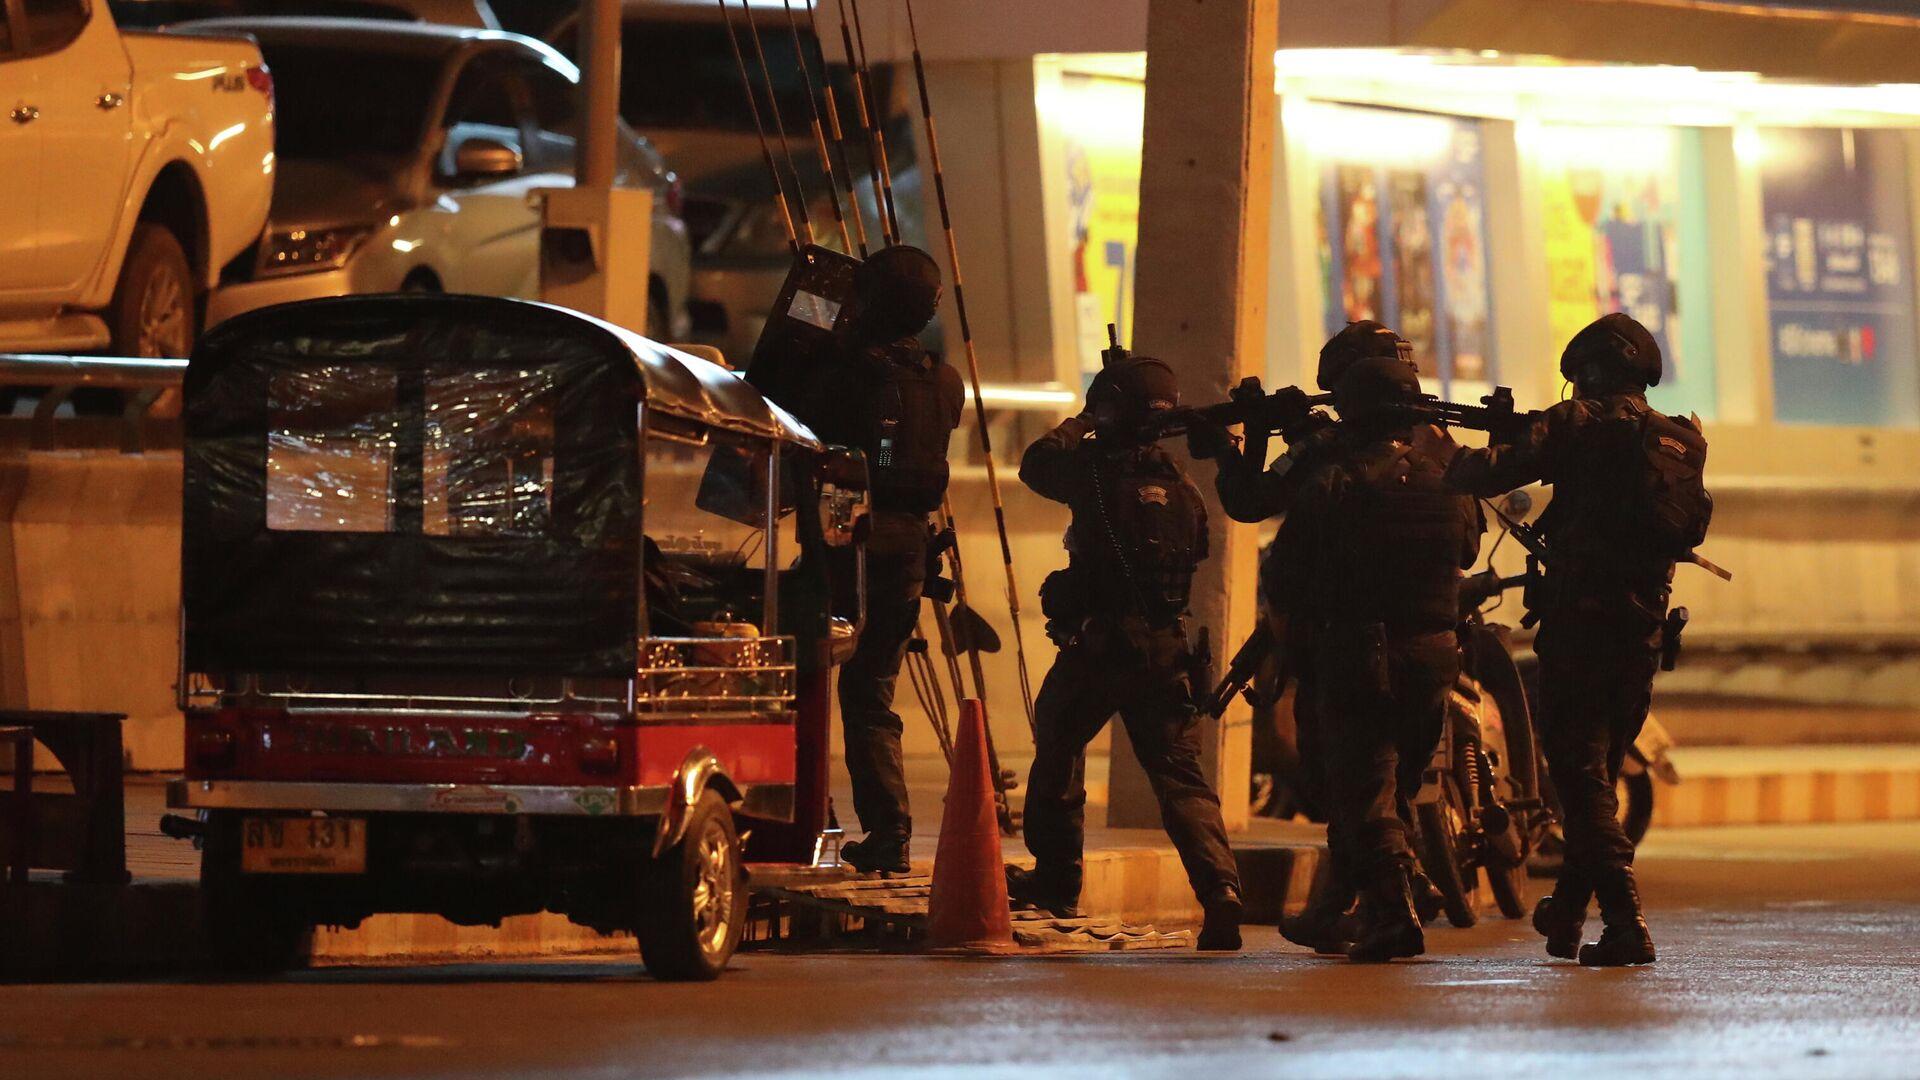 Спецназ в Таиланде около торгового центра, где произошла стрельба - РИА Новости, 1920, 20.04.2020